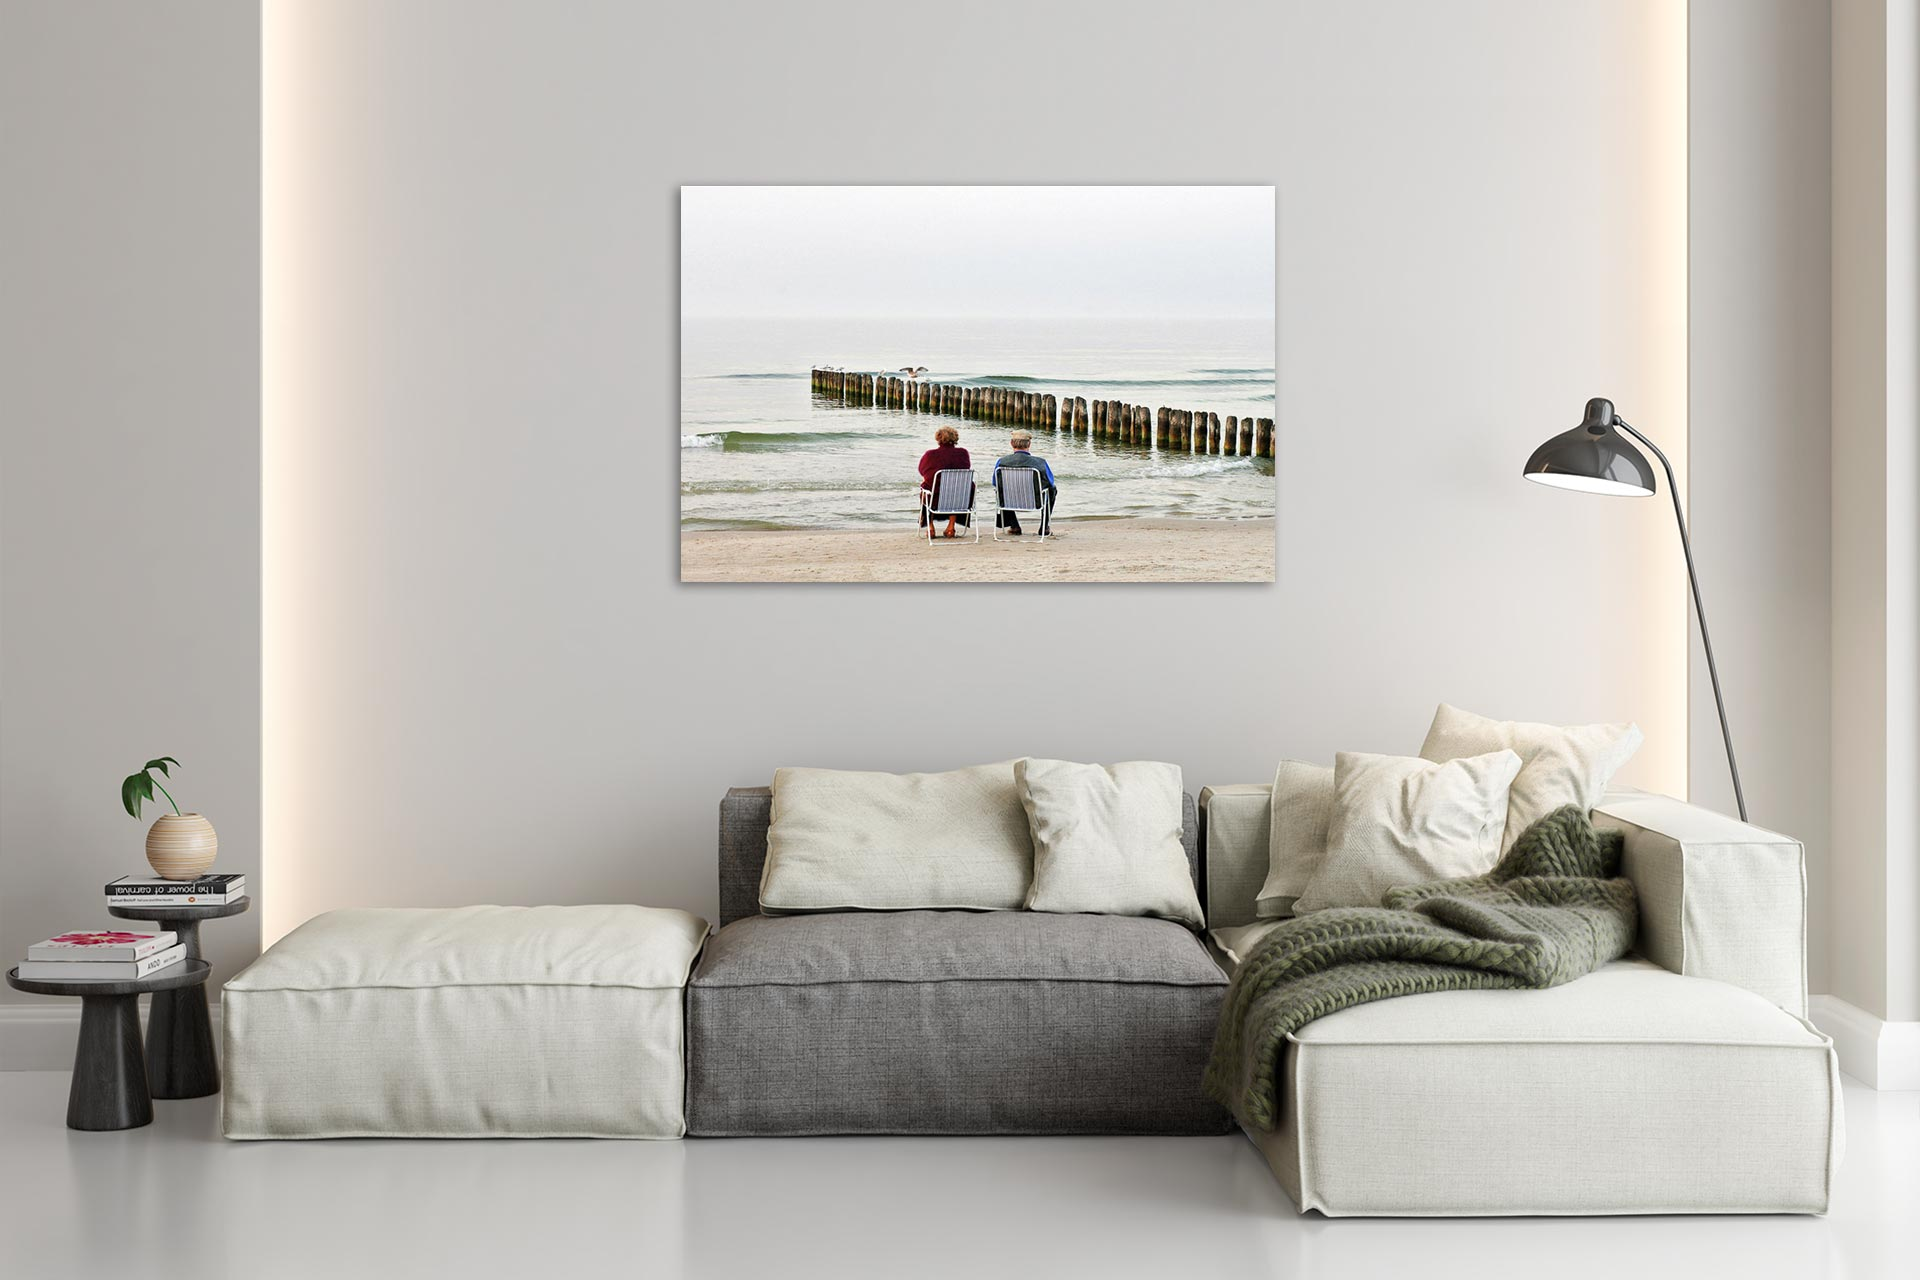 LCW041-alte-liebe-wandbild-bild-auf-leinwand-acrylglas-aludibond-wohnzimmer